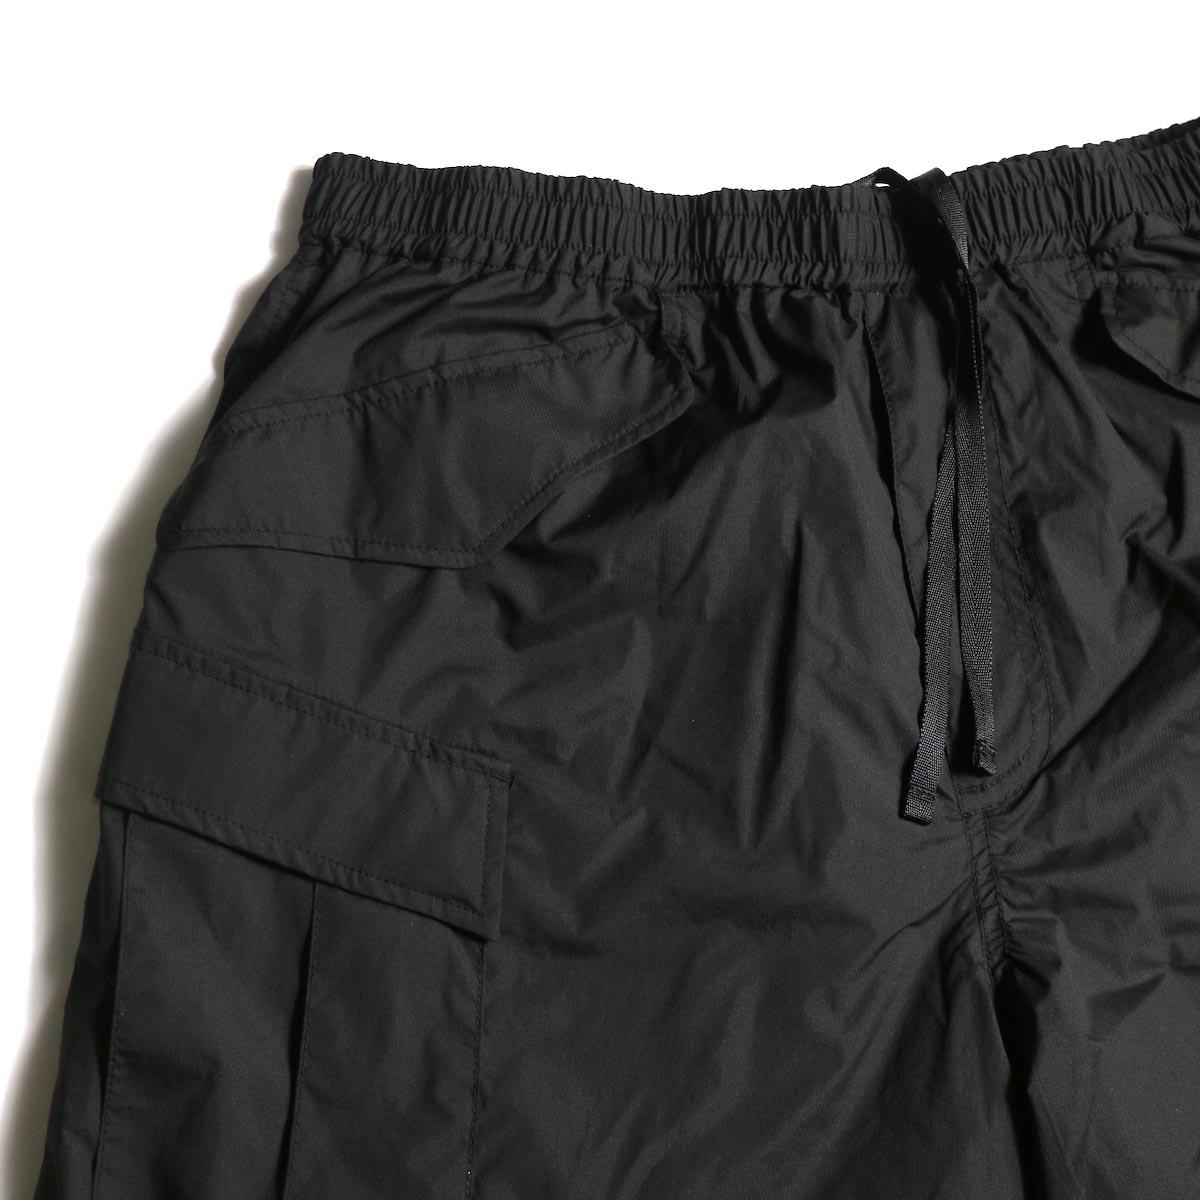 DAIWA PIER39 / Micro Rip-Stop Easy 6P Shorts (Black) フラップポケット